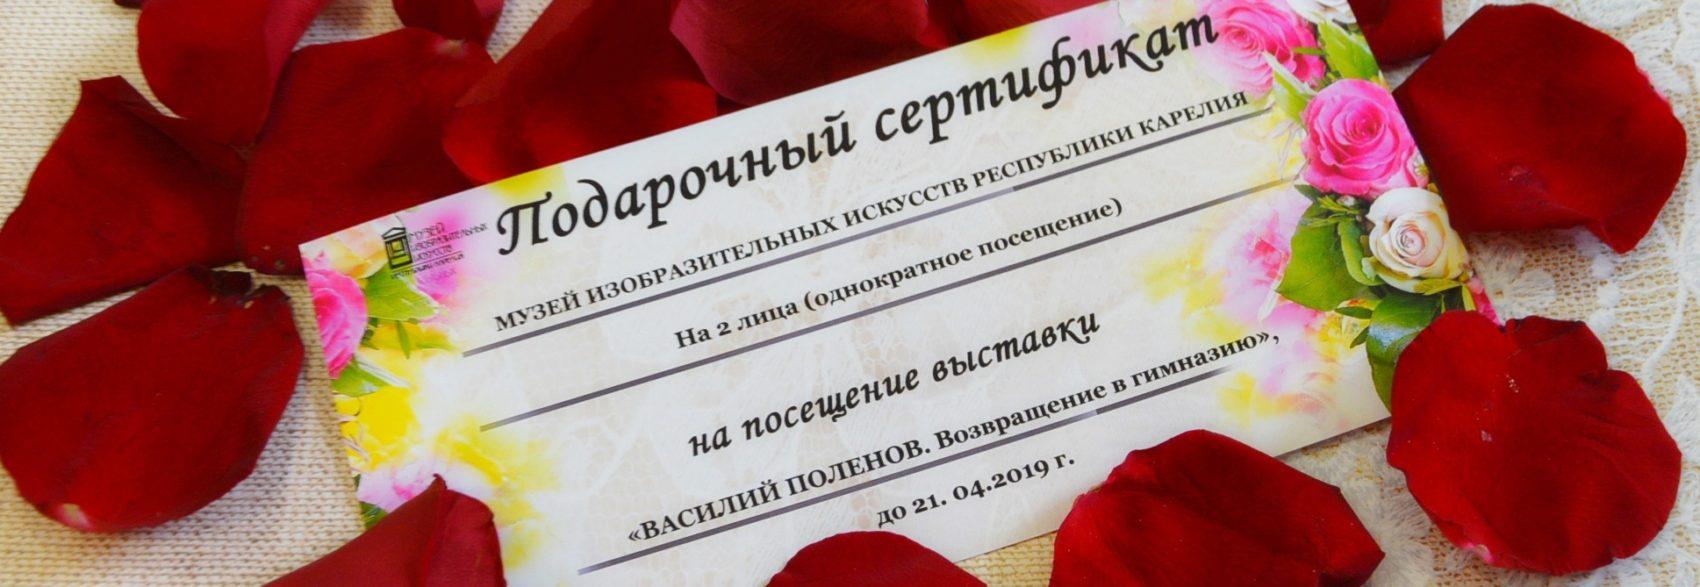 сертификат, поленов